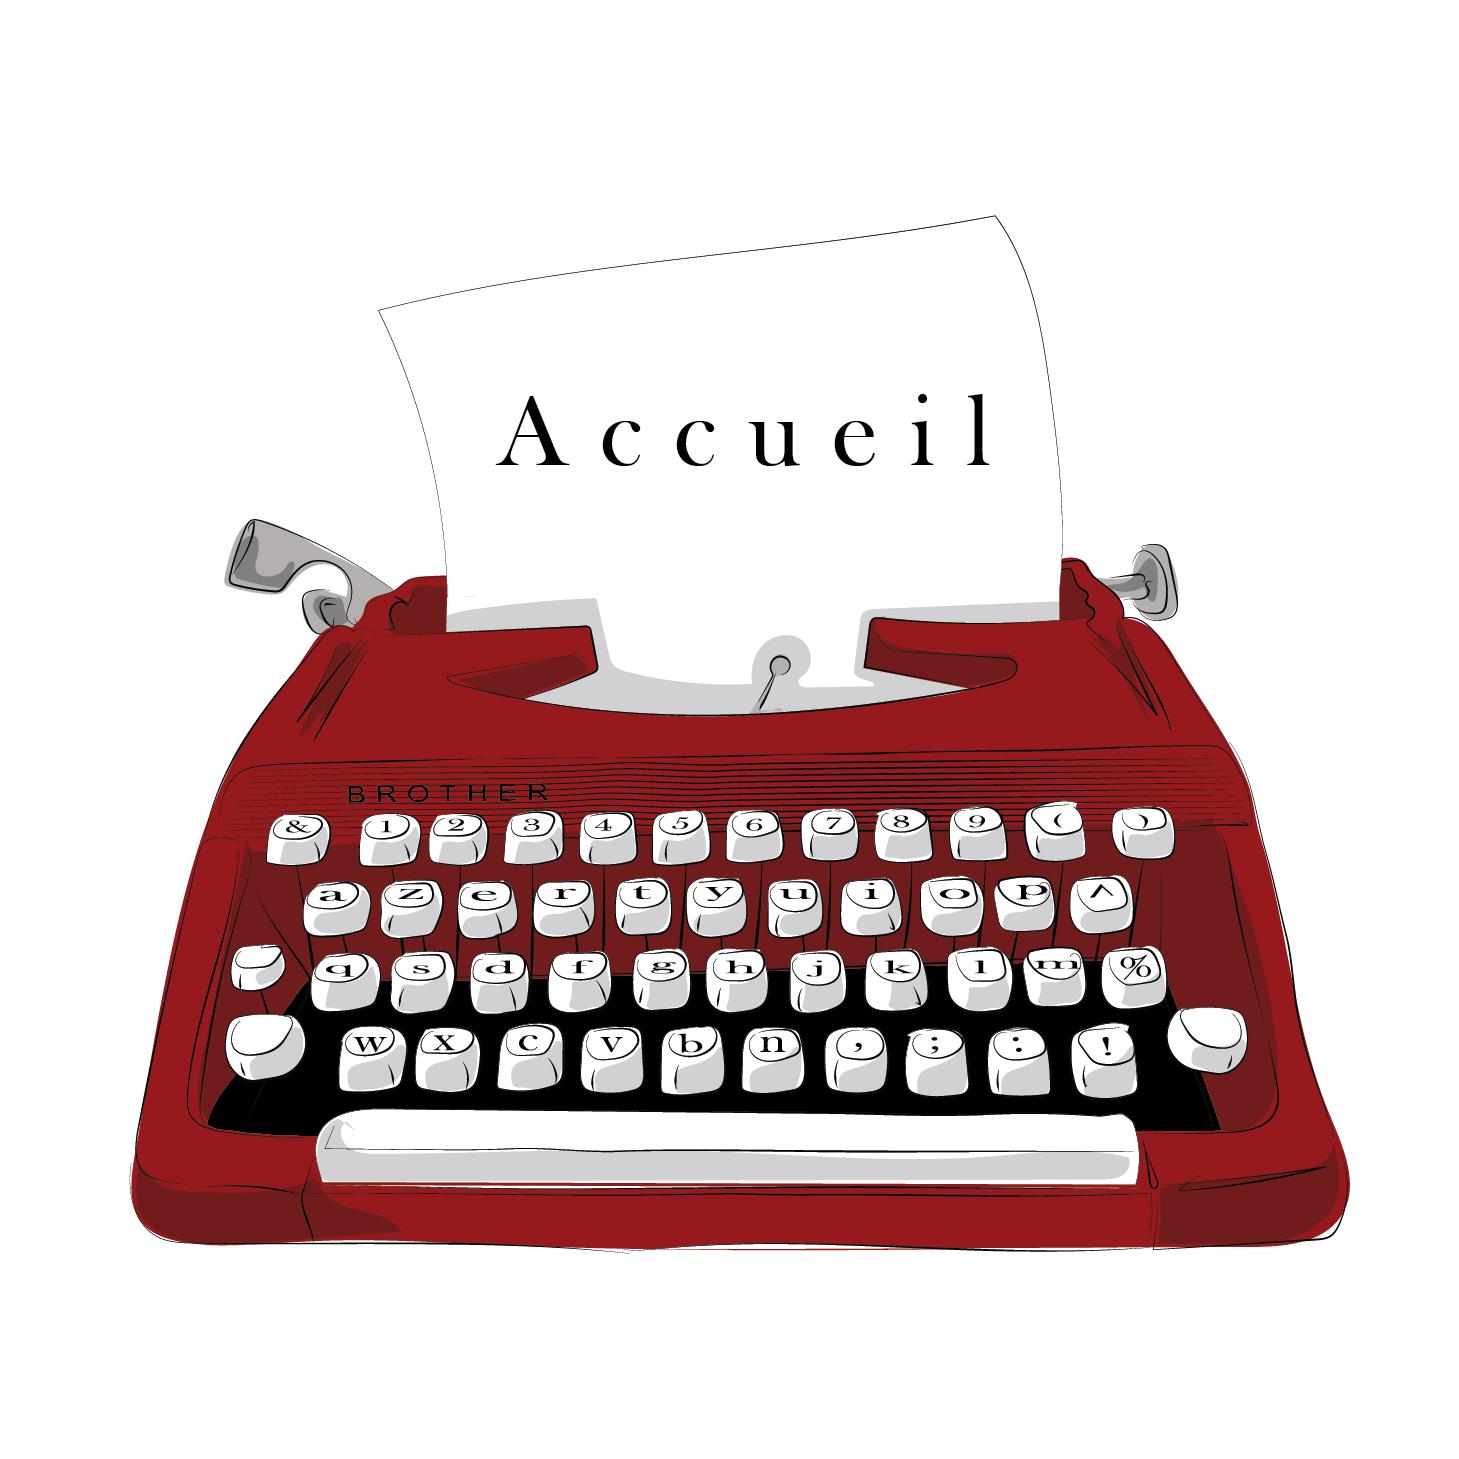 image accueil smartphone machine à écrire